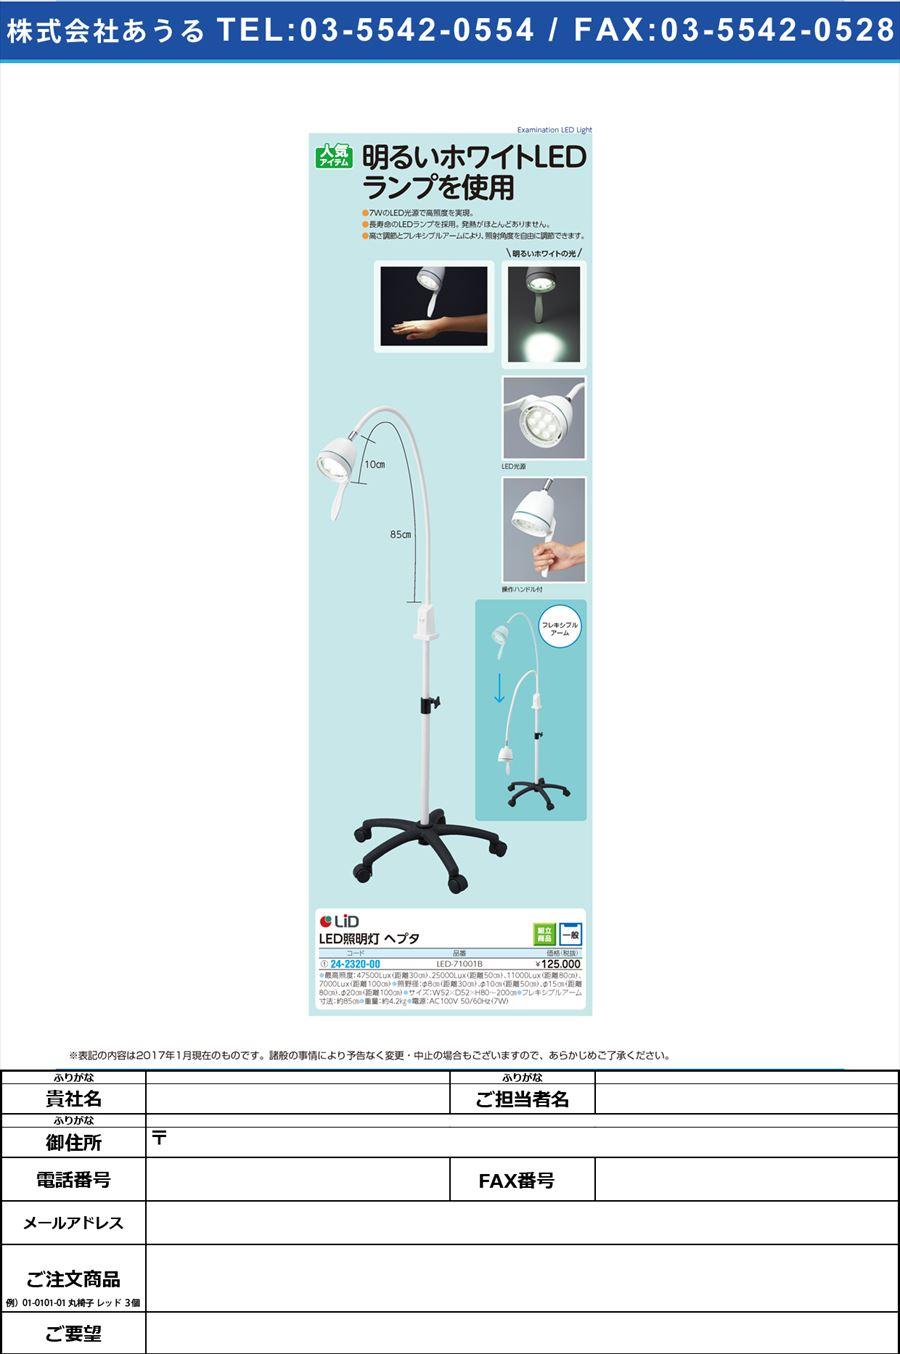 LED照明灯 ヘプタ LEDショウメイトウ ヘプタ LED-71001B(24-2320-00)【1台単位】【2017年カタログ商品】